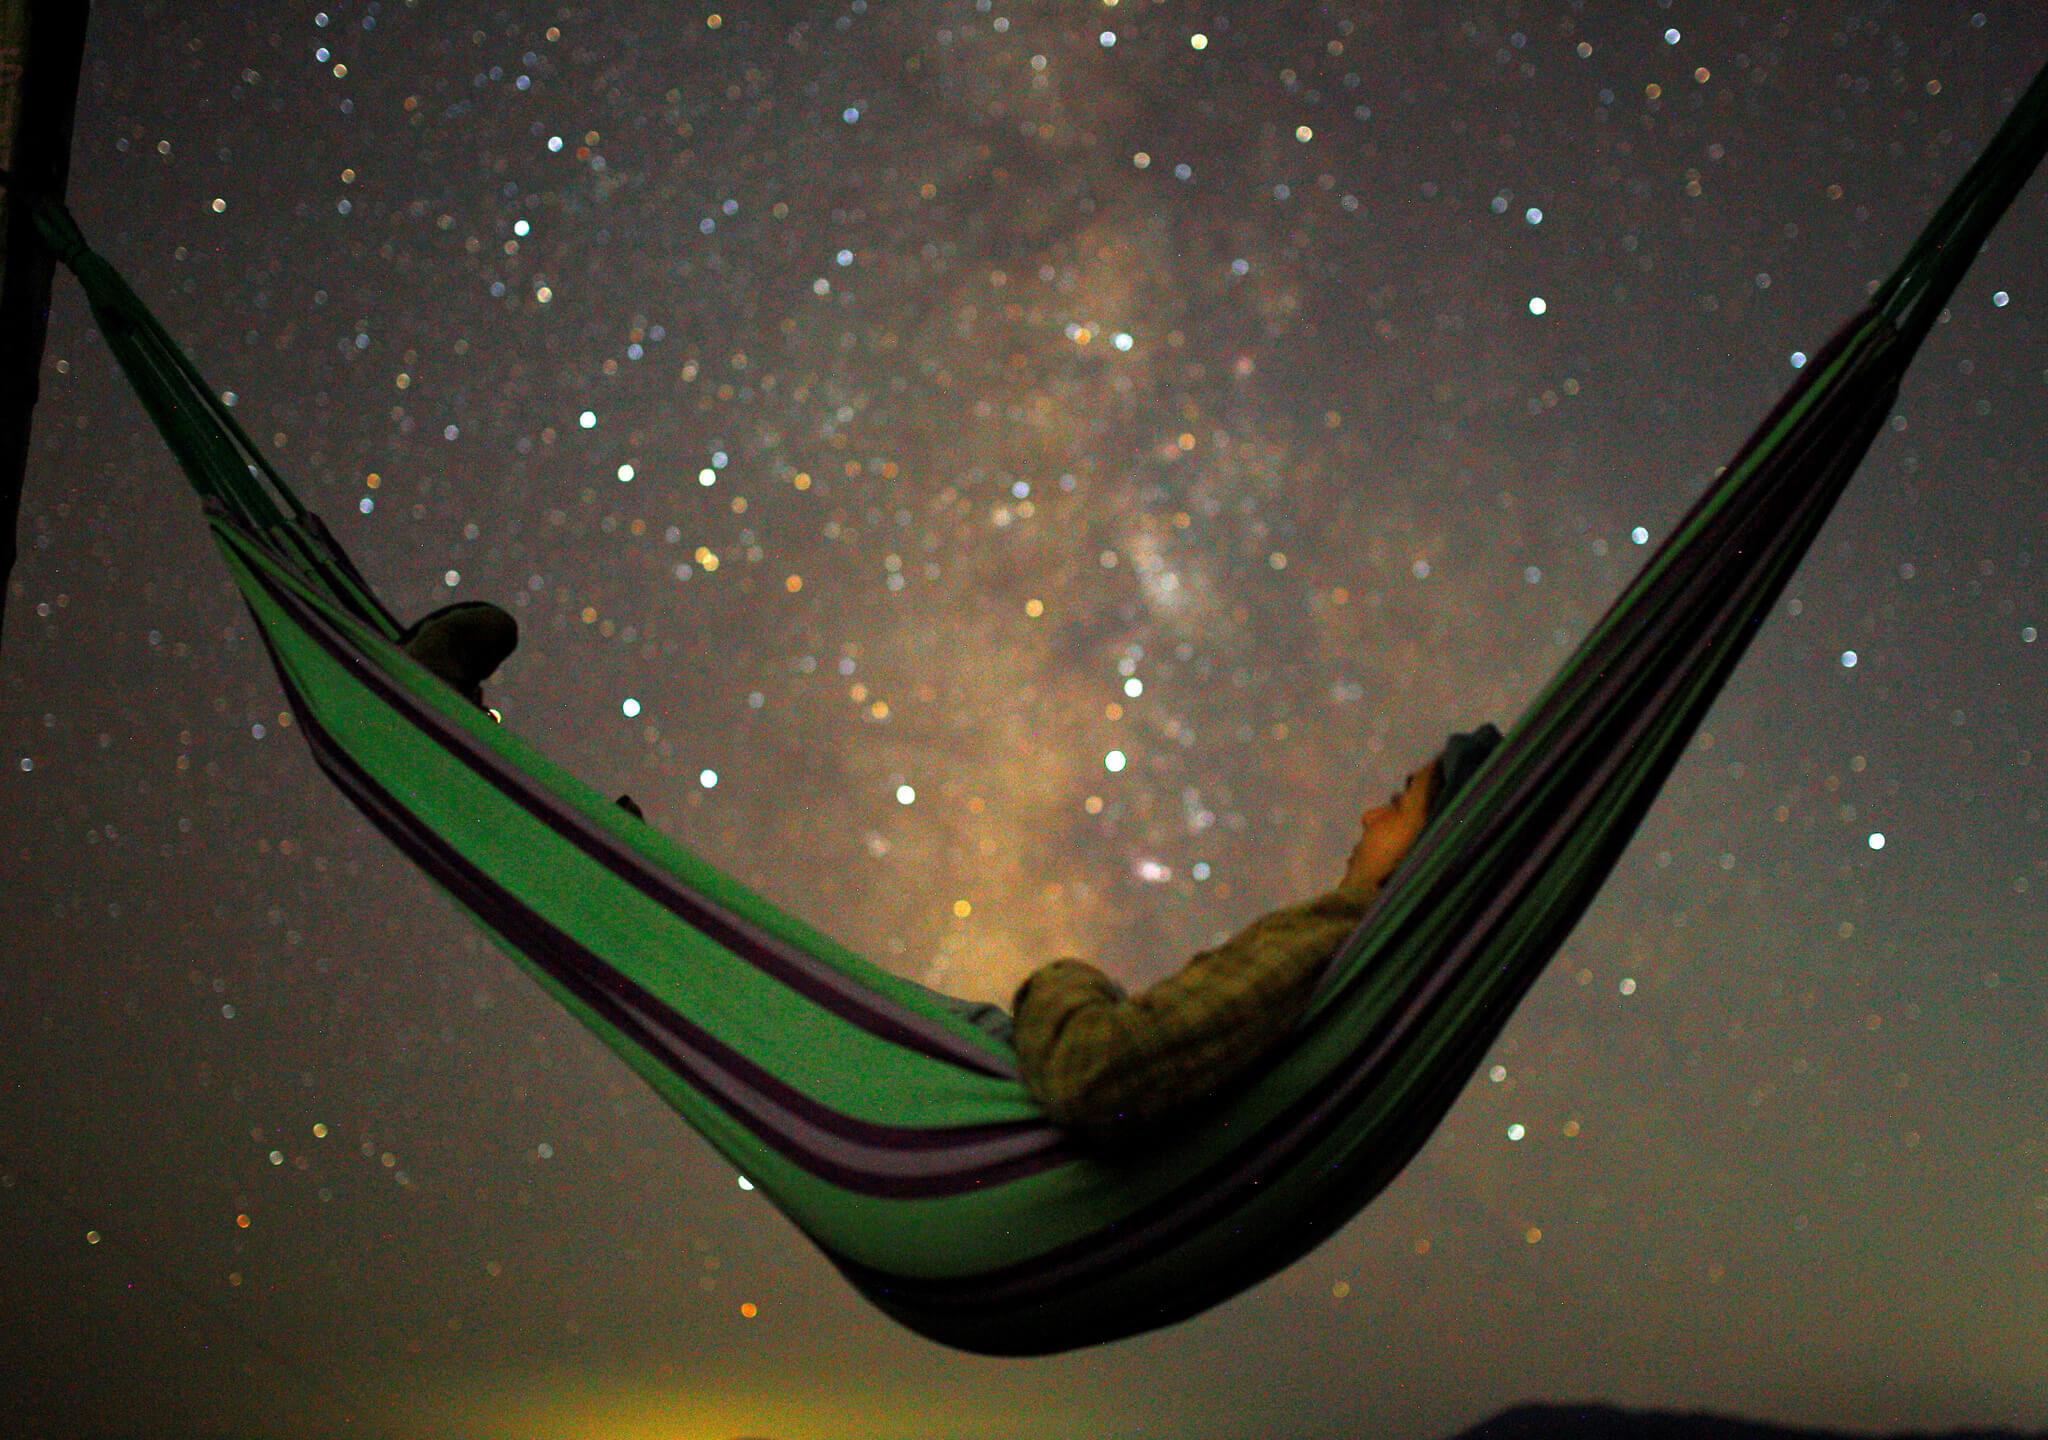 La calma de un cielo estrellado